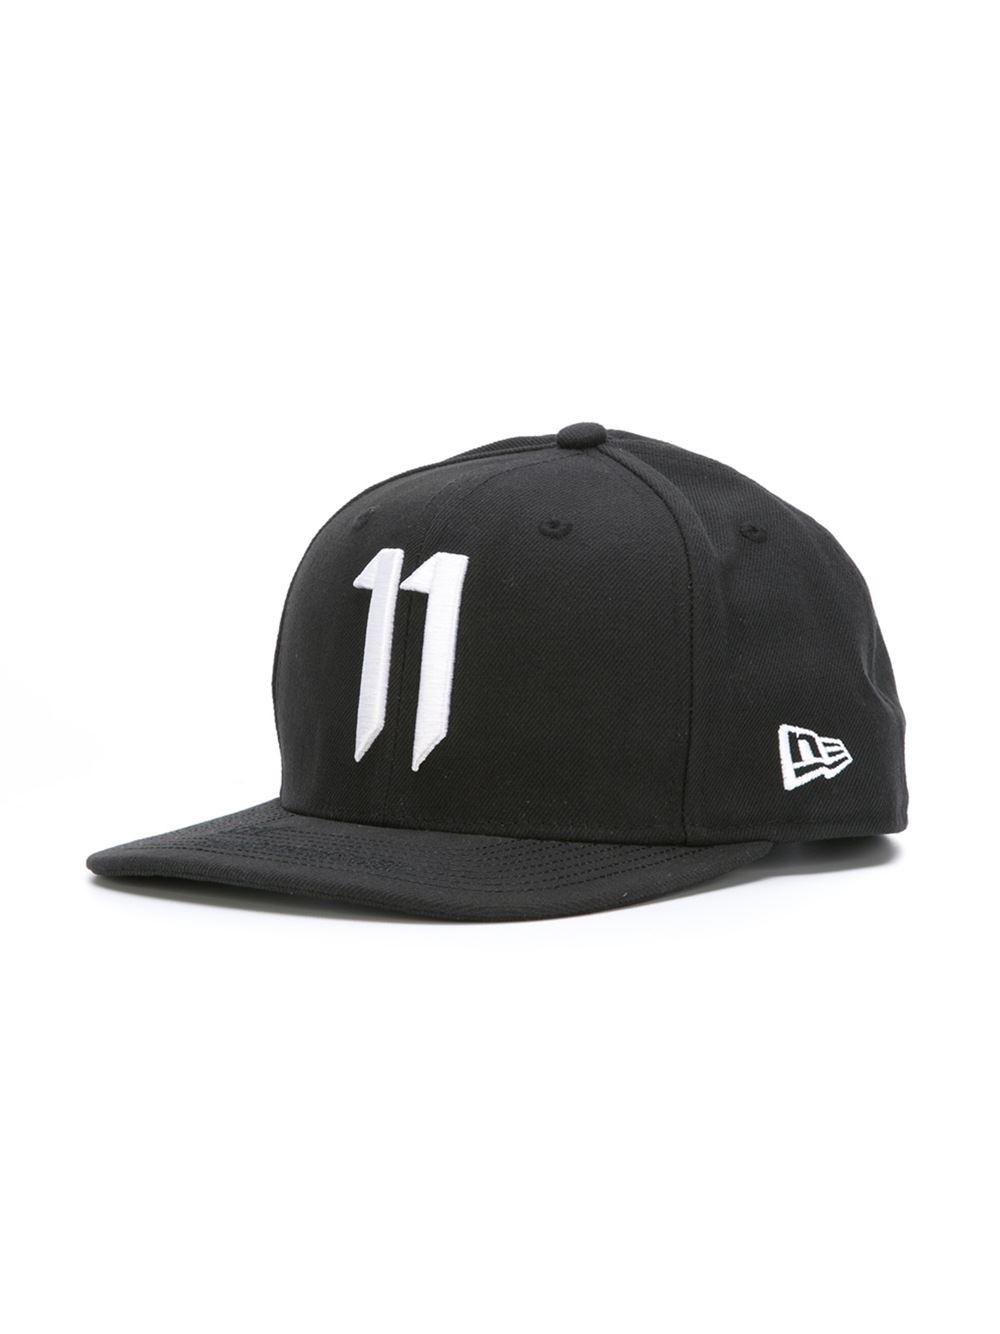 71be9d5685c Boris Bidjan Saberi 11 Embroidered 11 Cap in Black for Men - Lyst